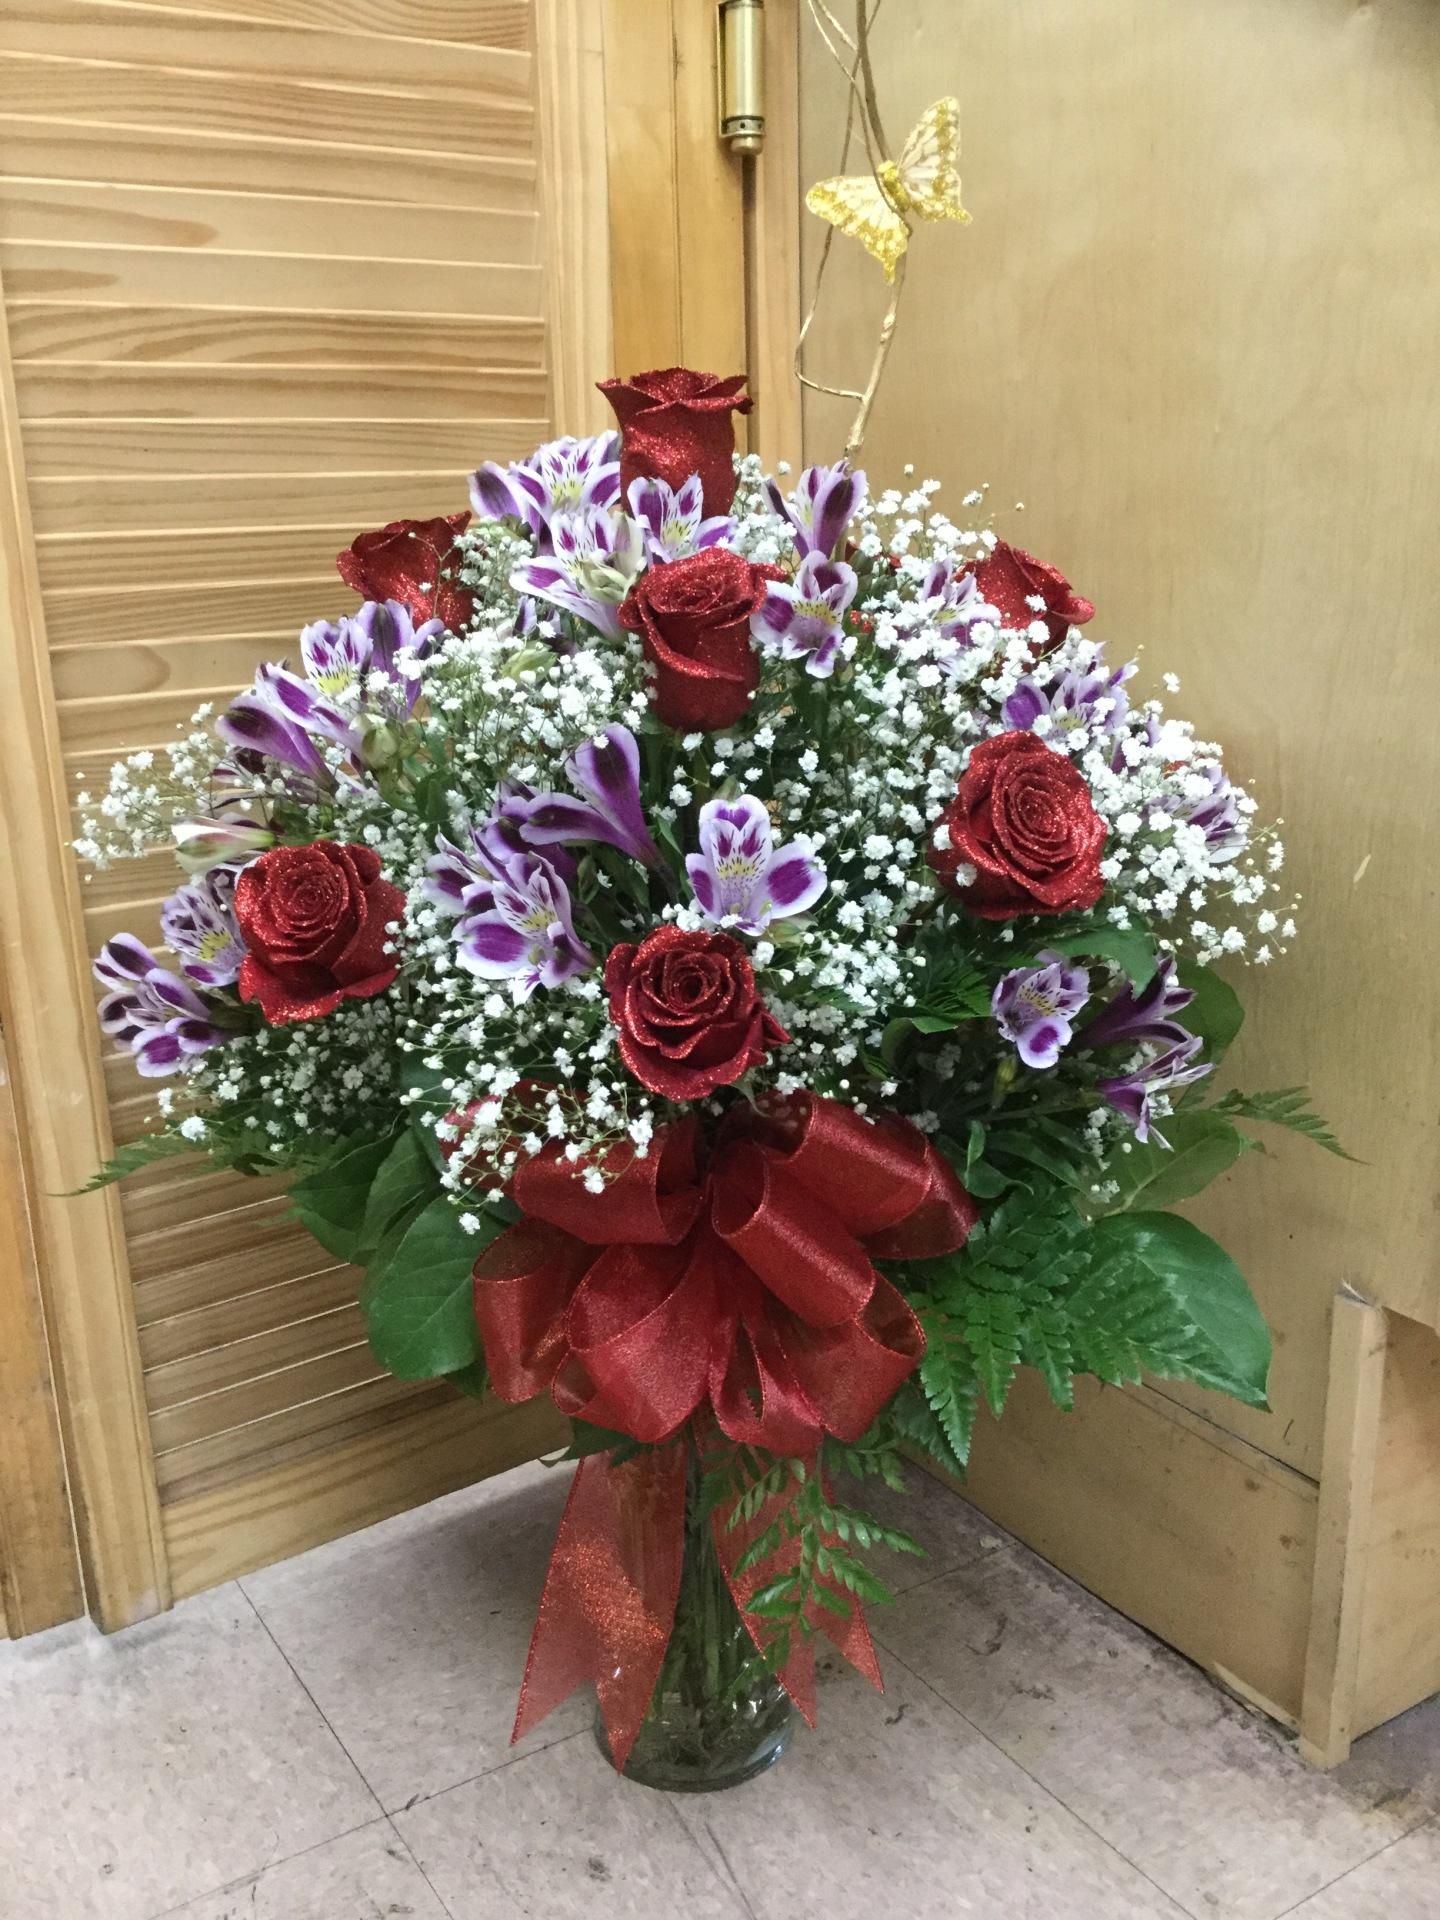 One Dozen Red Roses with Alstroemeria - Arrangement In Vase